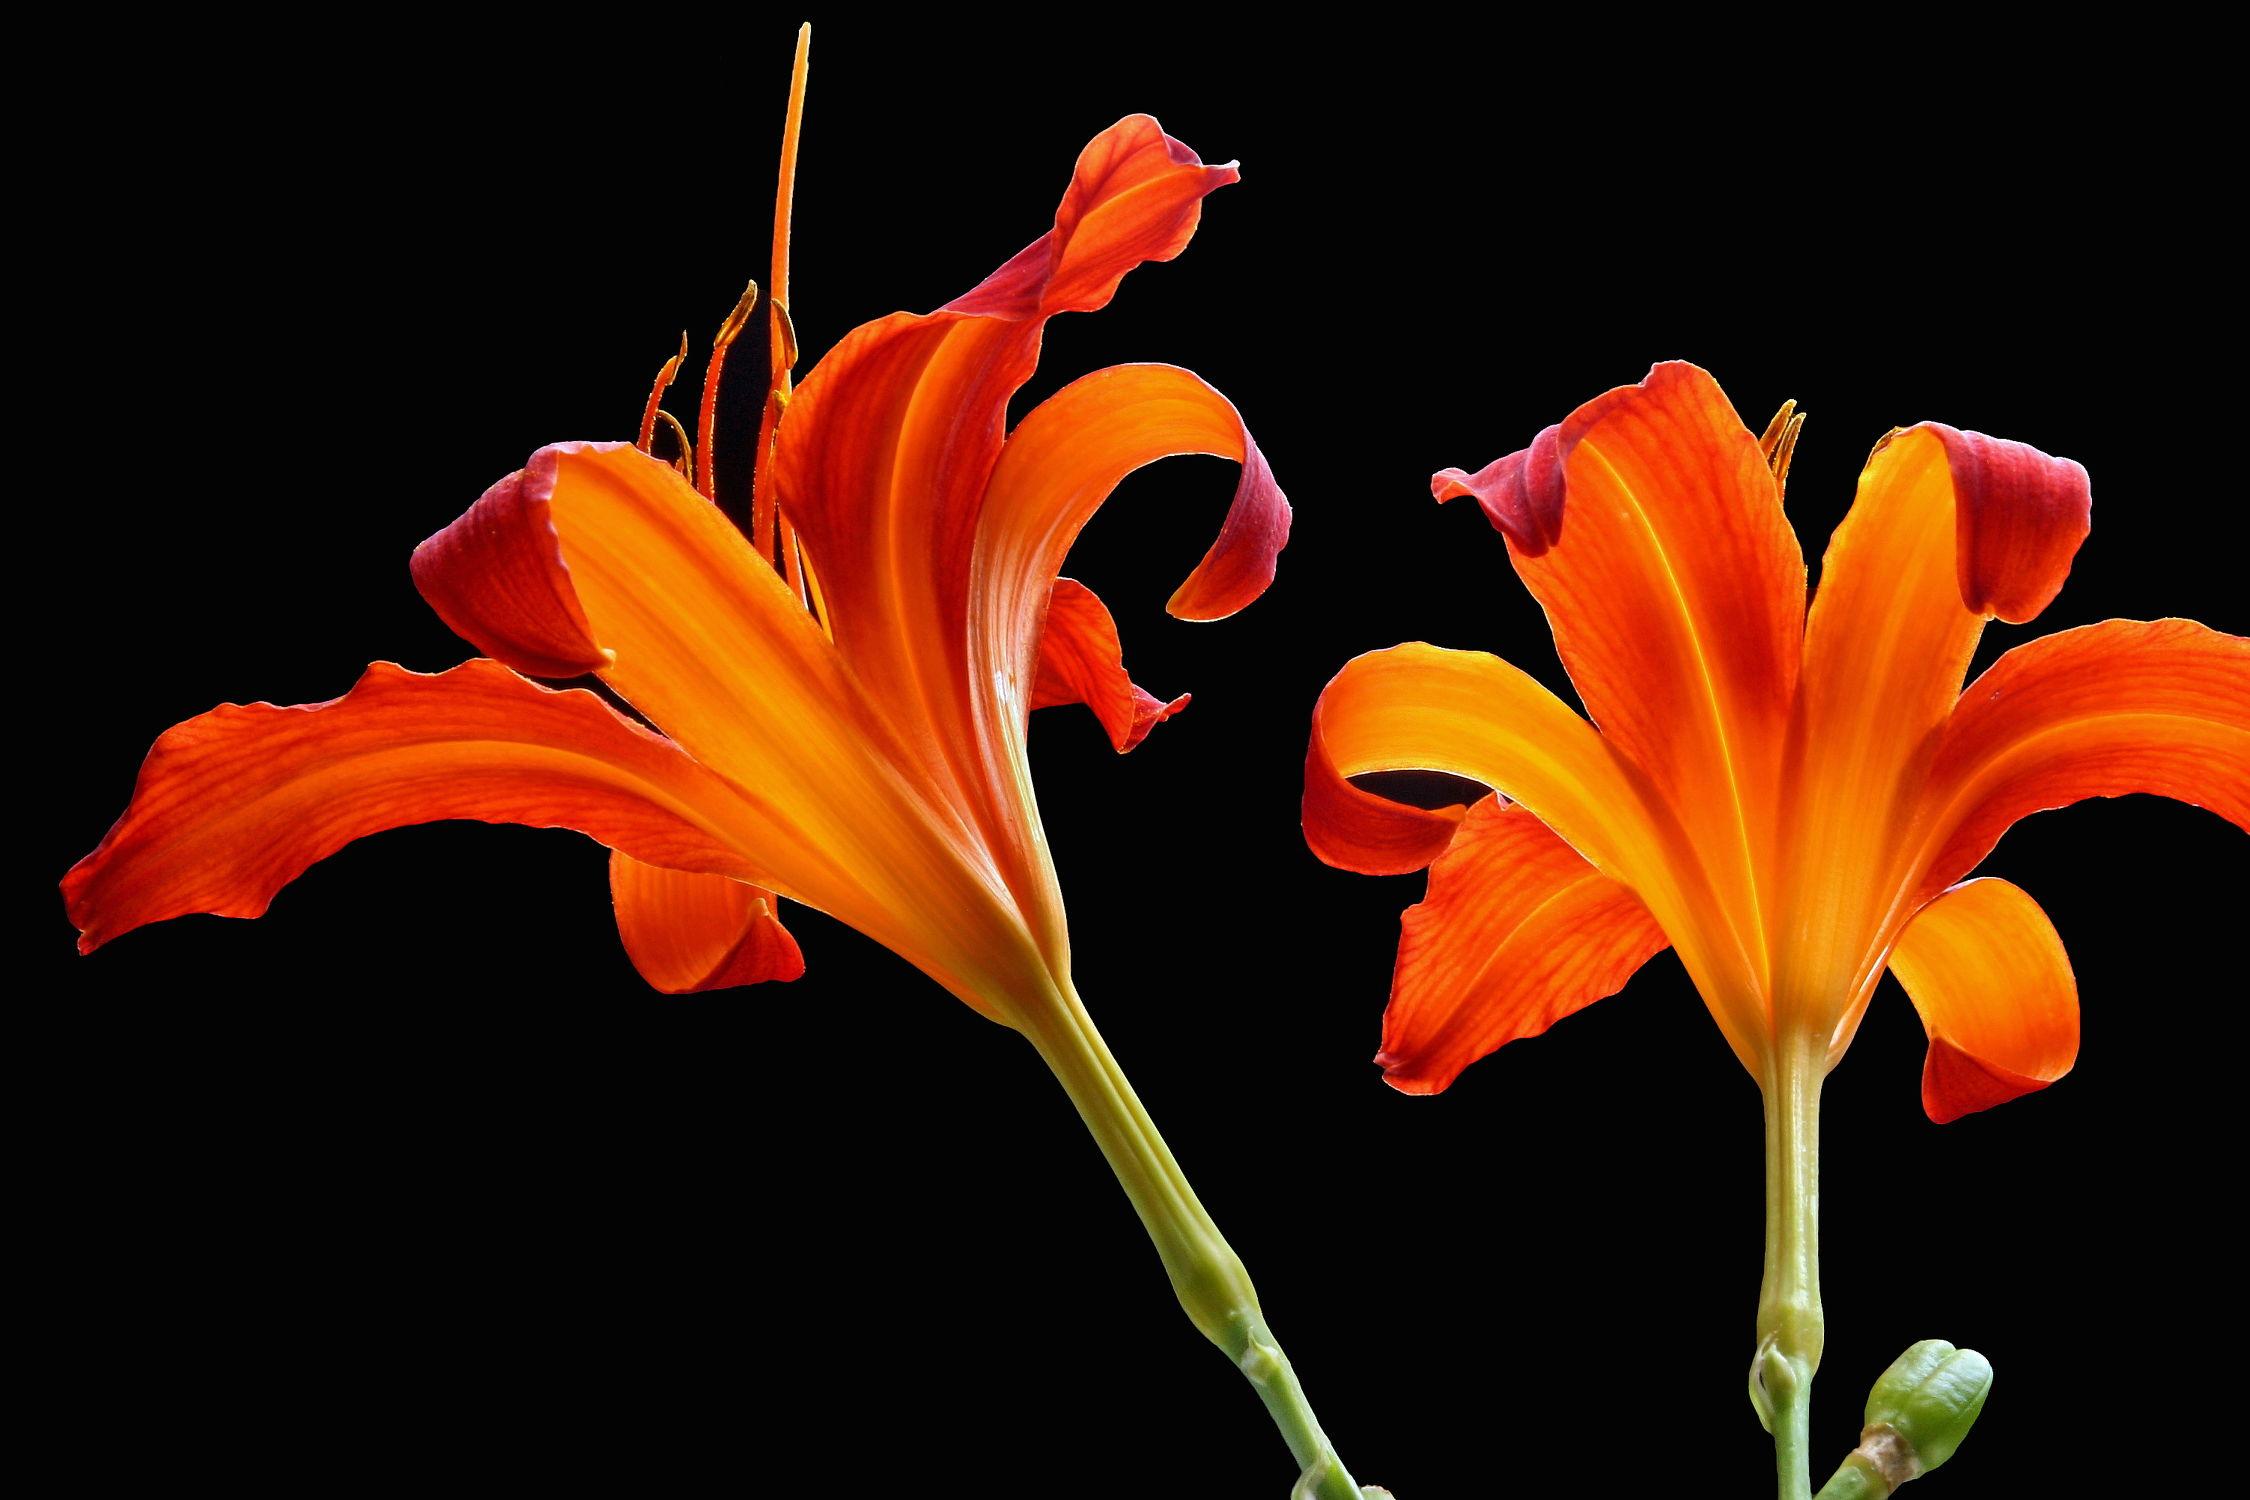 Bild mit Natur, Pflanzen, Blumen, Blume, Pflanze, Lilie, Lilien, Floral, Blüten, Florales, blüte